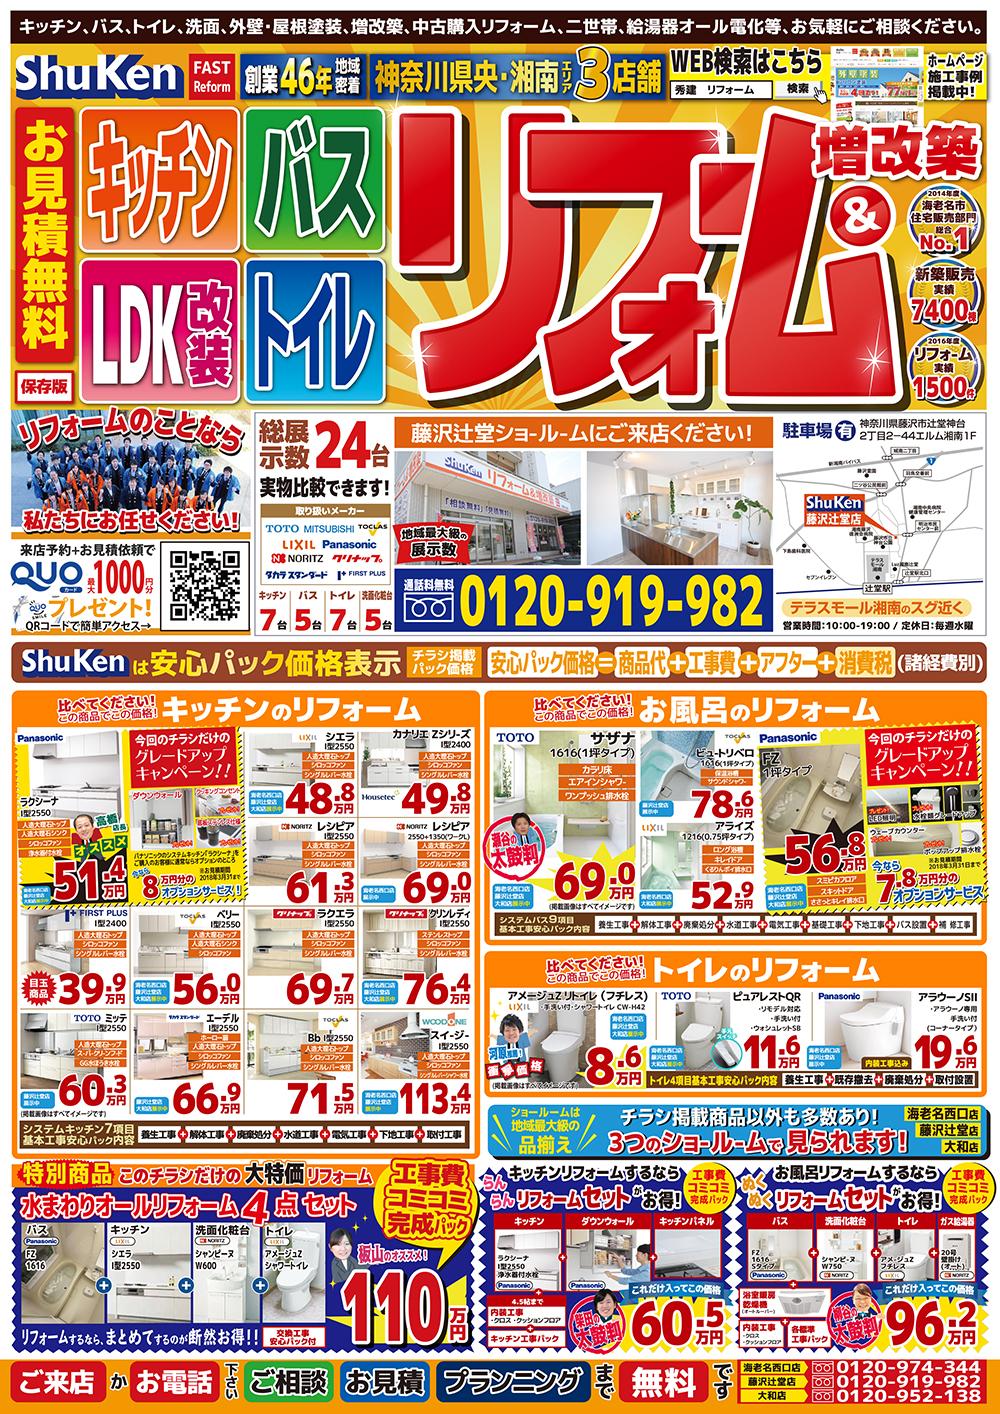 秀建リフォーム2月定番チラシ_藤沢辻堂店